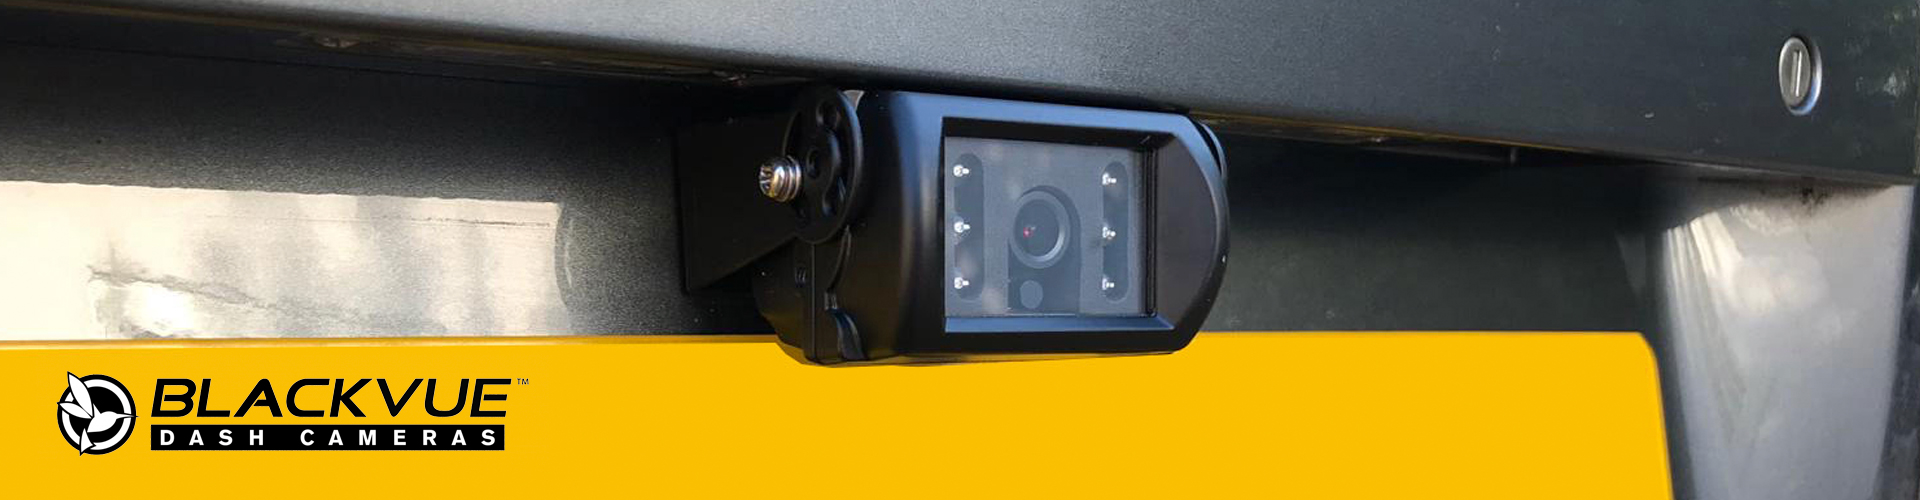 Blackvue Commercial Dash Camera Solutions